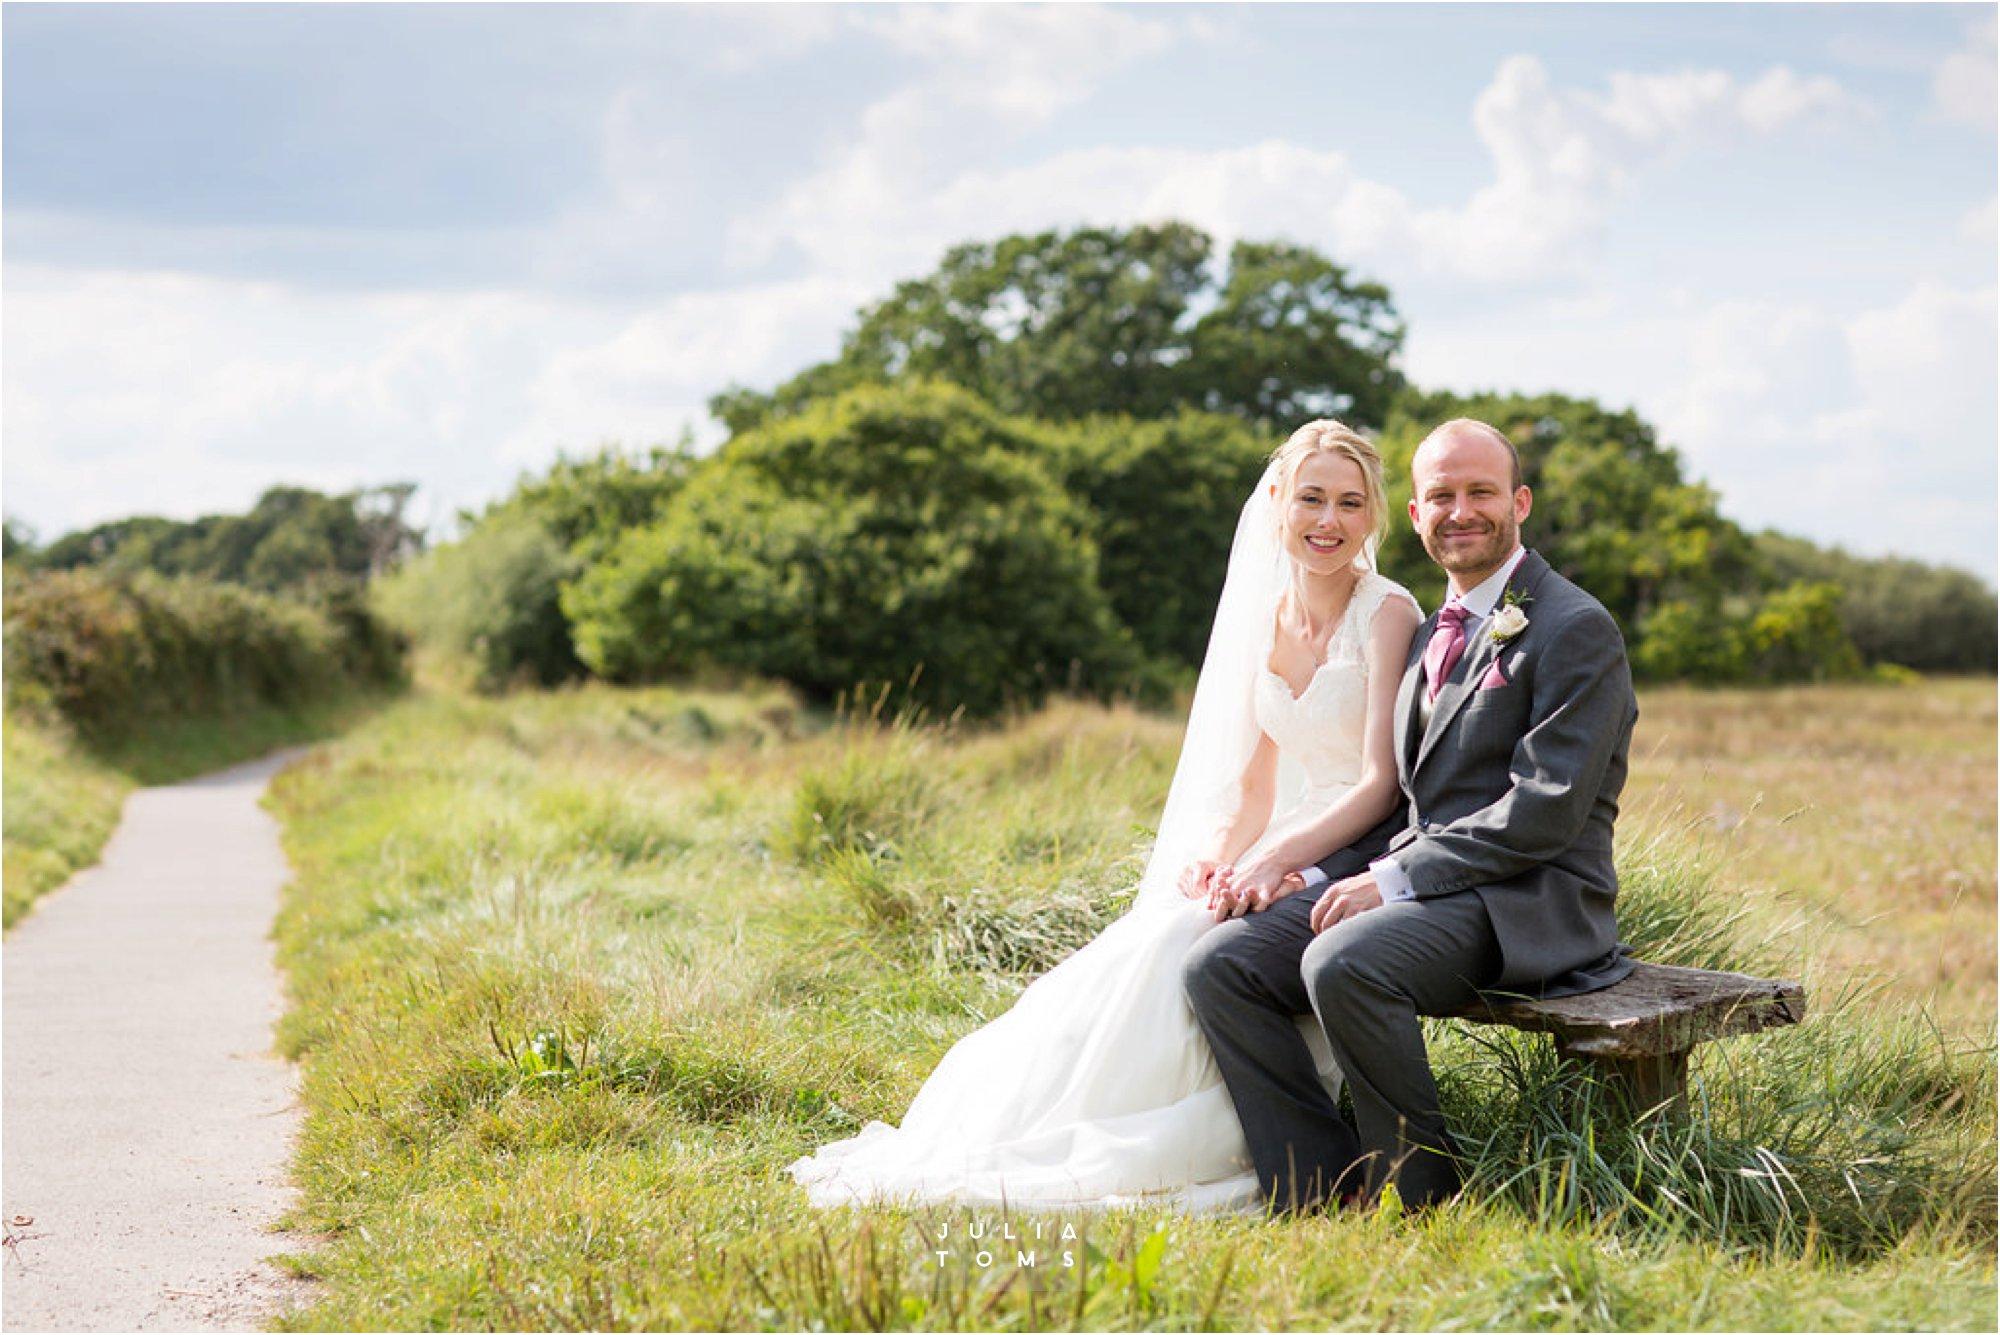 itchenor_wedding_chichester_photographer_039.jpg